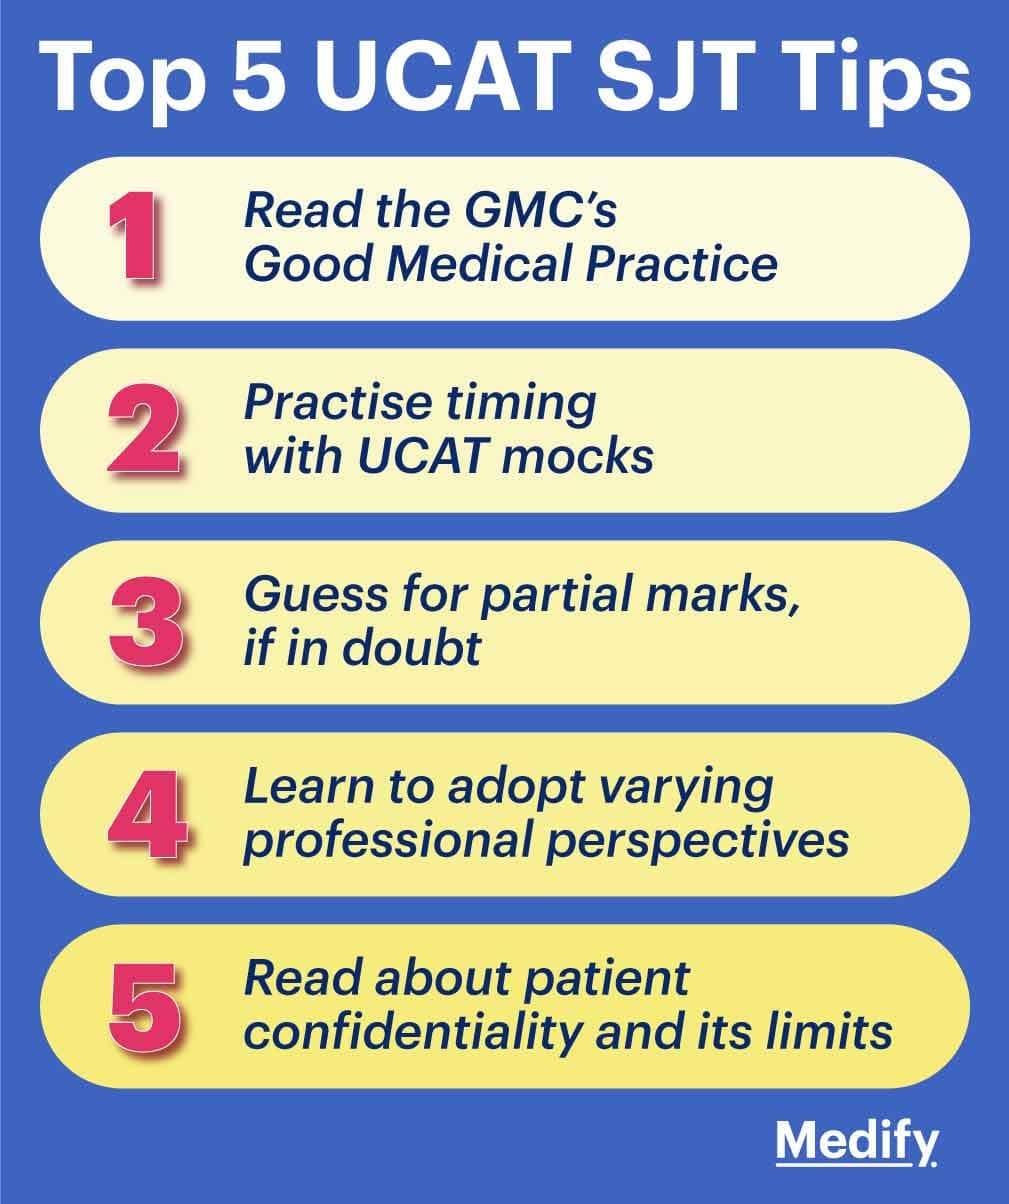 Top 5 UCAT Situational Judgement (SJT) tips infographic.